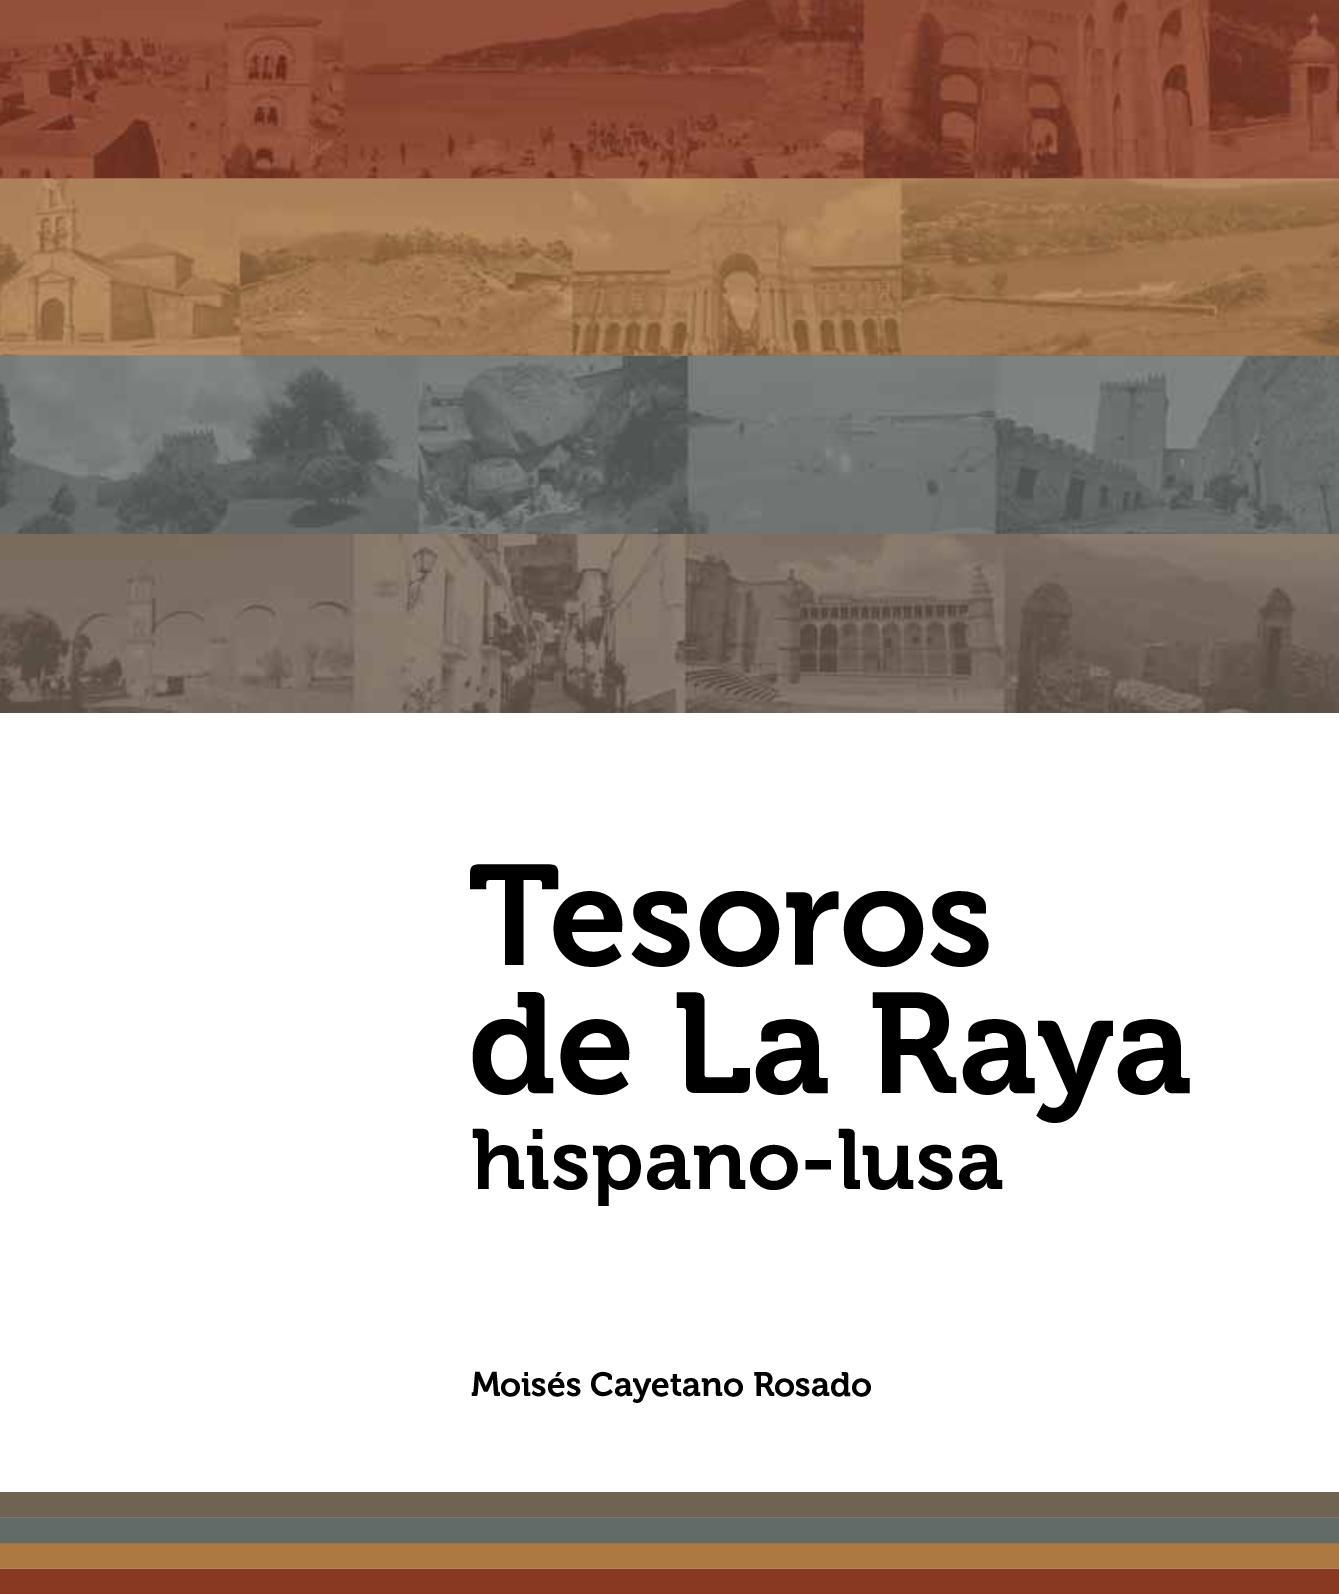 a88dbe0b9 Calaméo - Tesoros de la Raya hispano-lusa por Moisés Cayetano Rosado